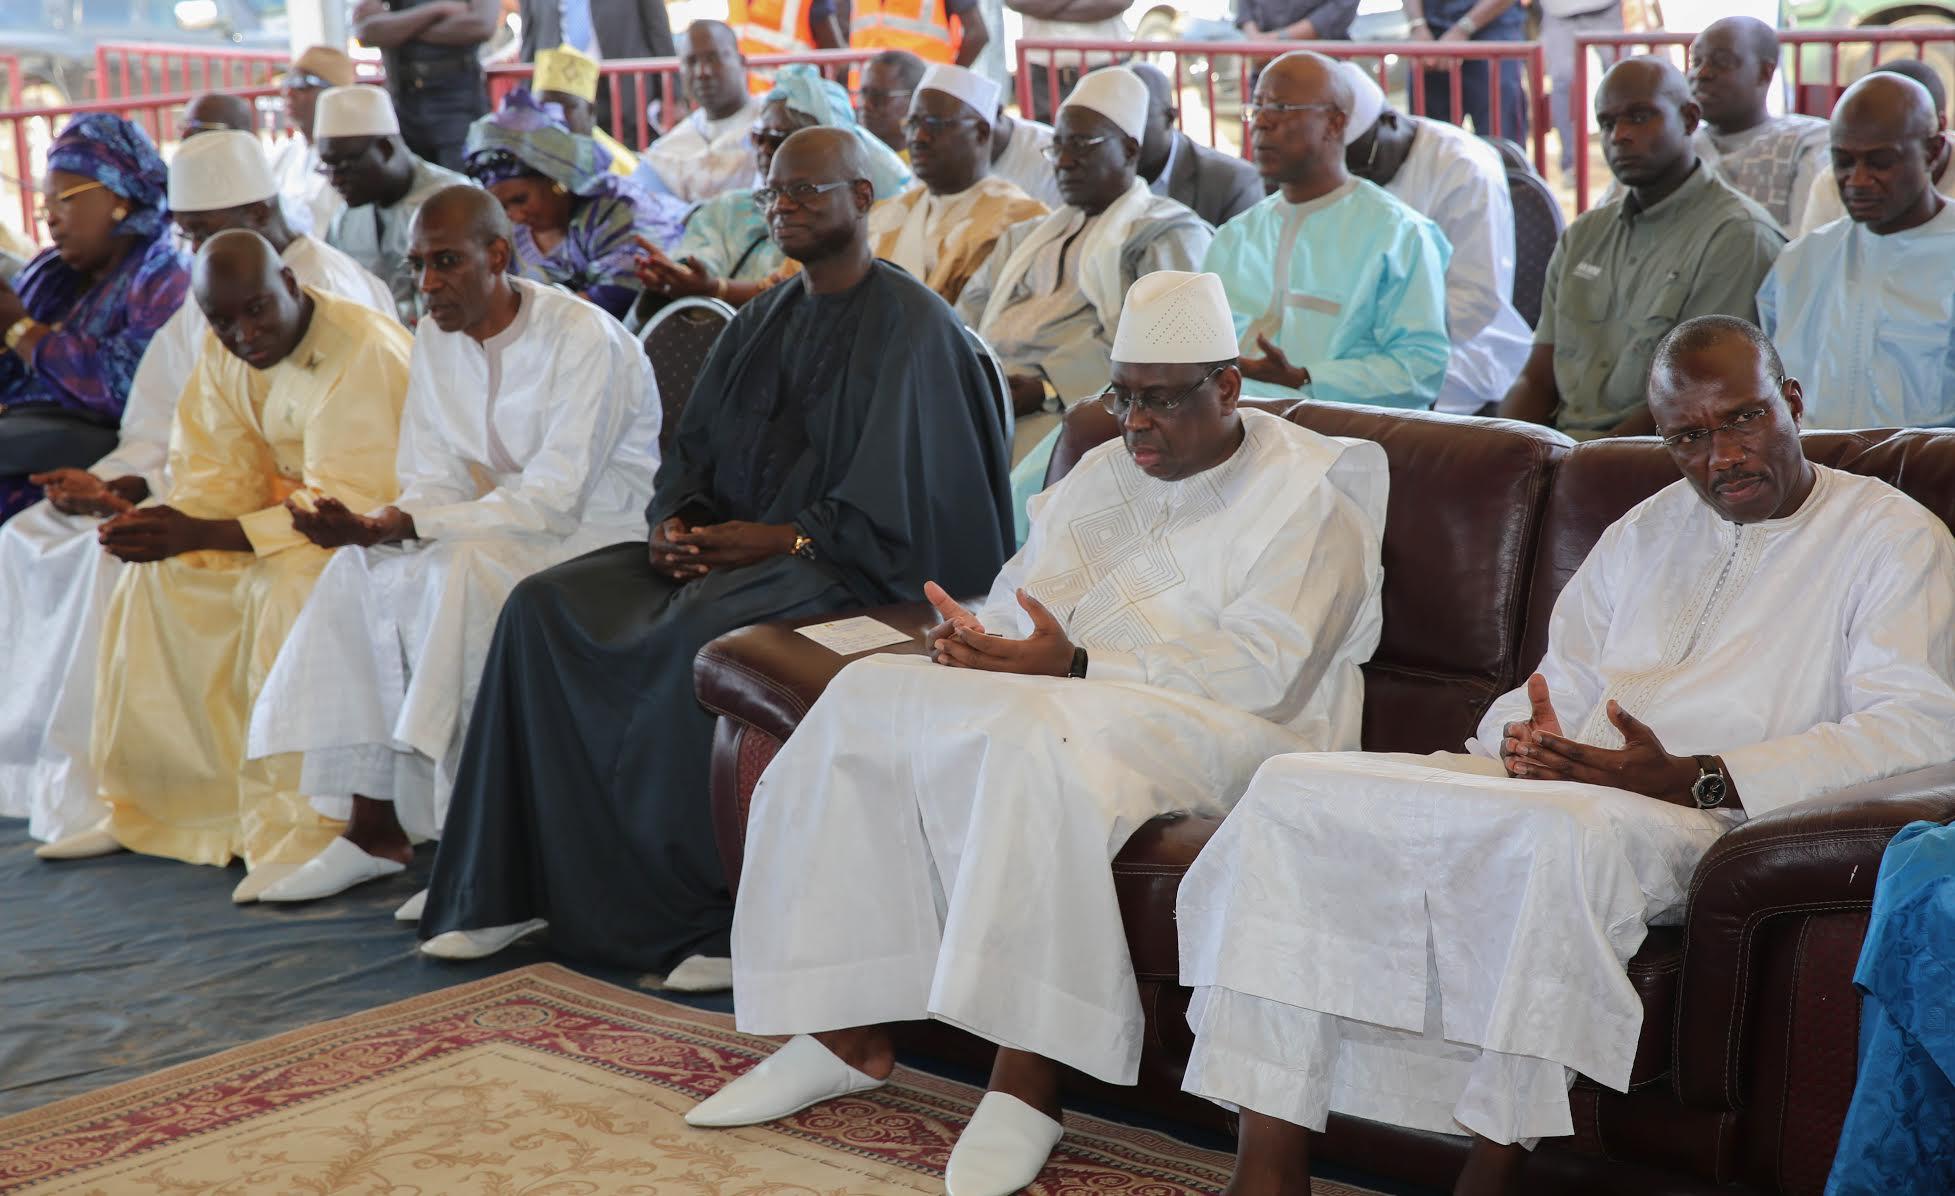 RUFISQUE : Le président Macky Sall a présenté ses condoléances à la famille de Me Mbaye Jacques Diop